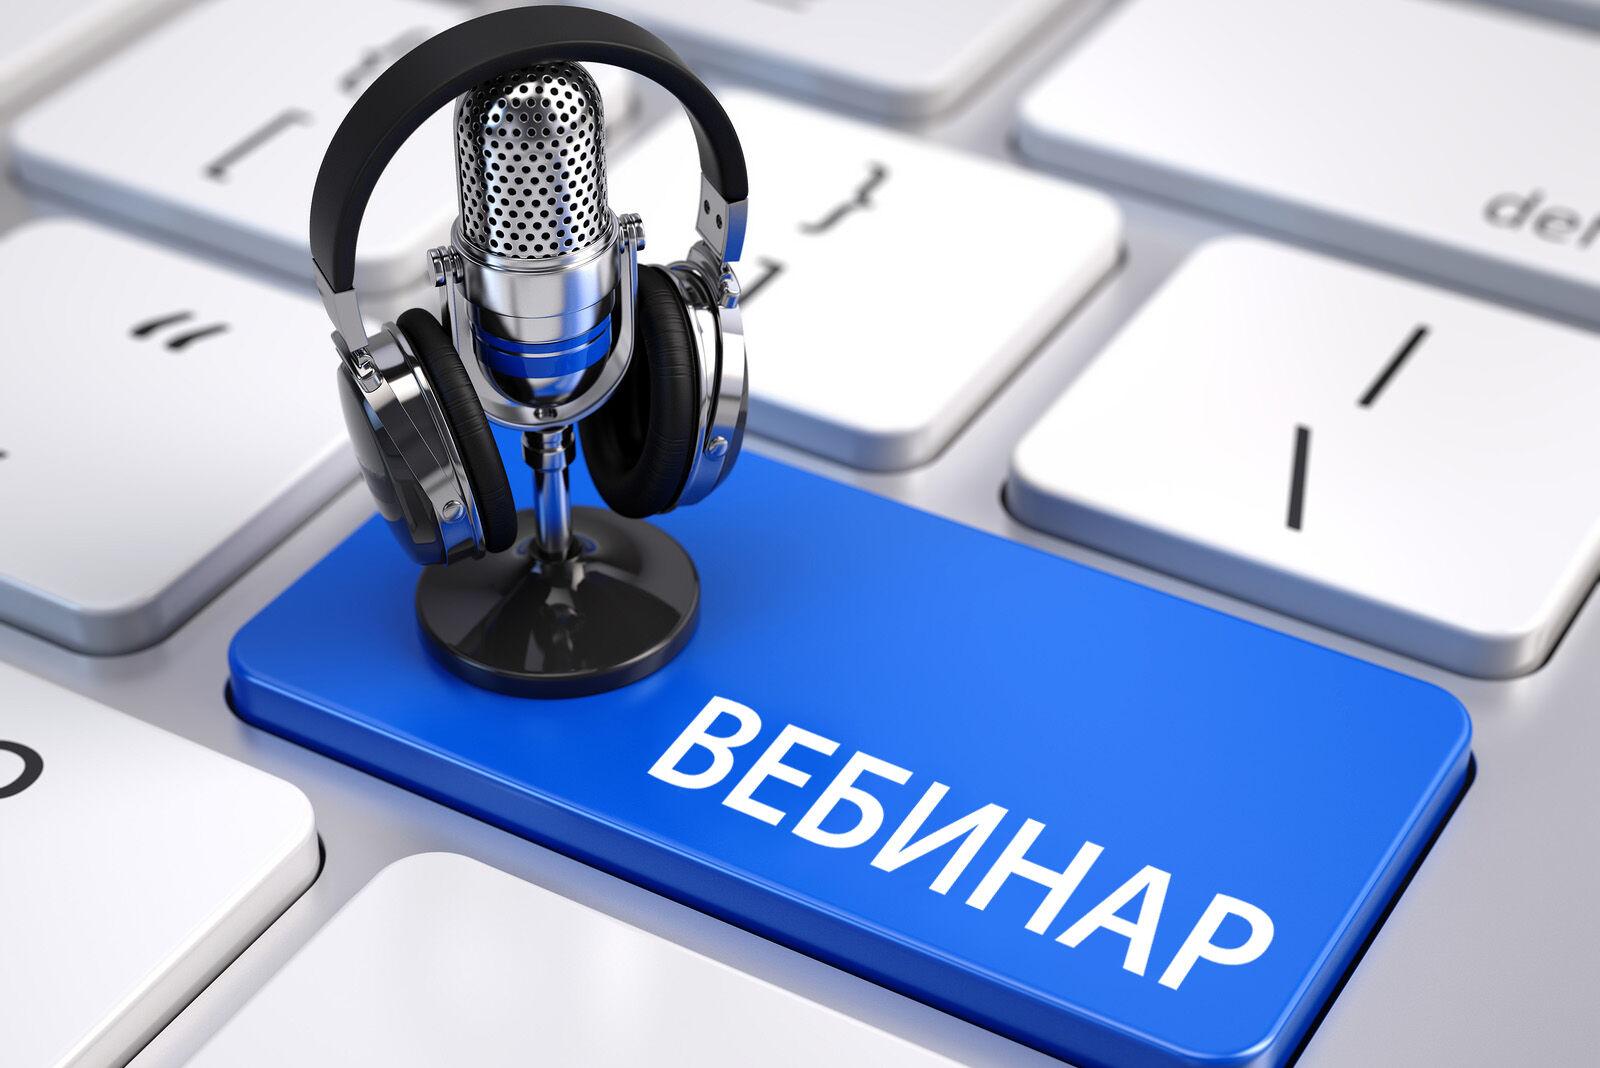 О новых возможностях онлайн-касс расскажет на вебинаре представитель ФНС России